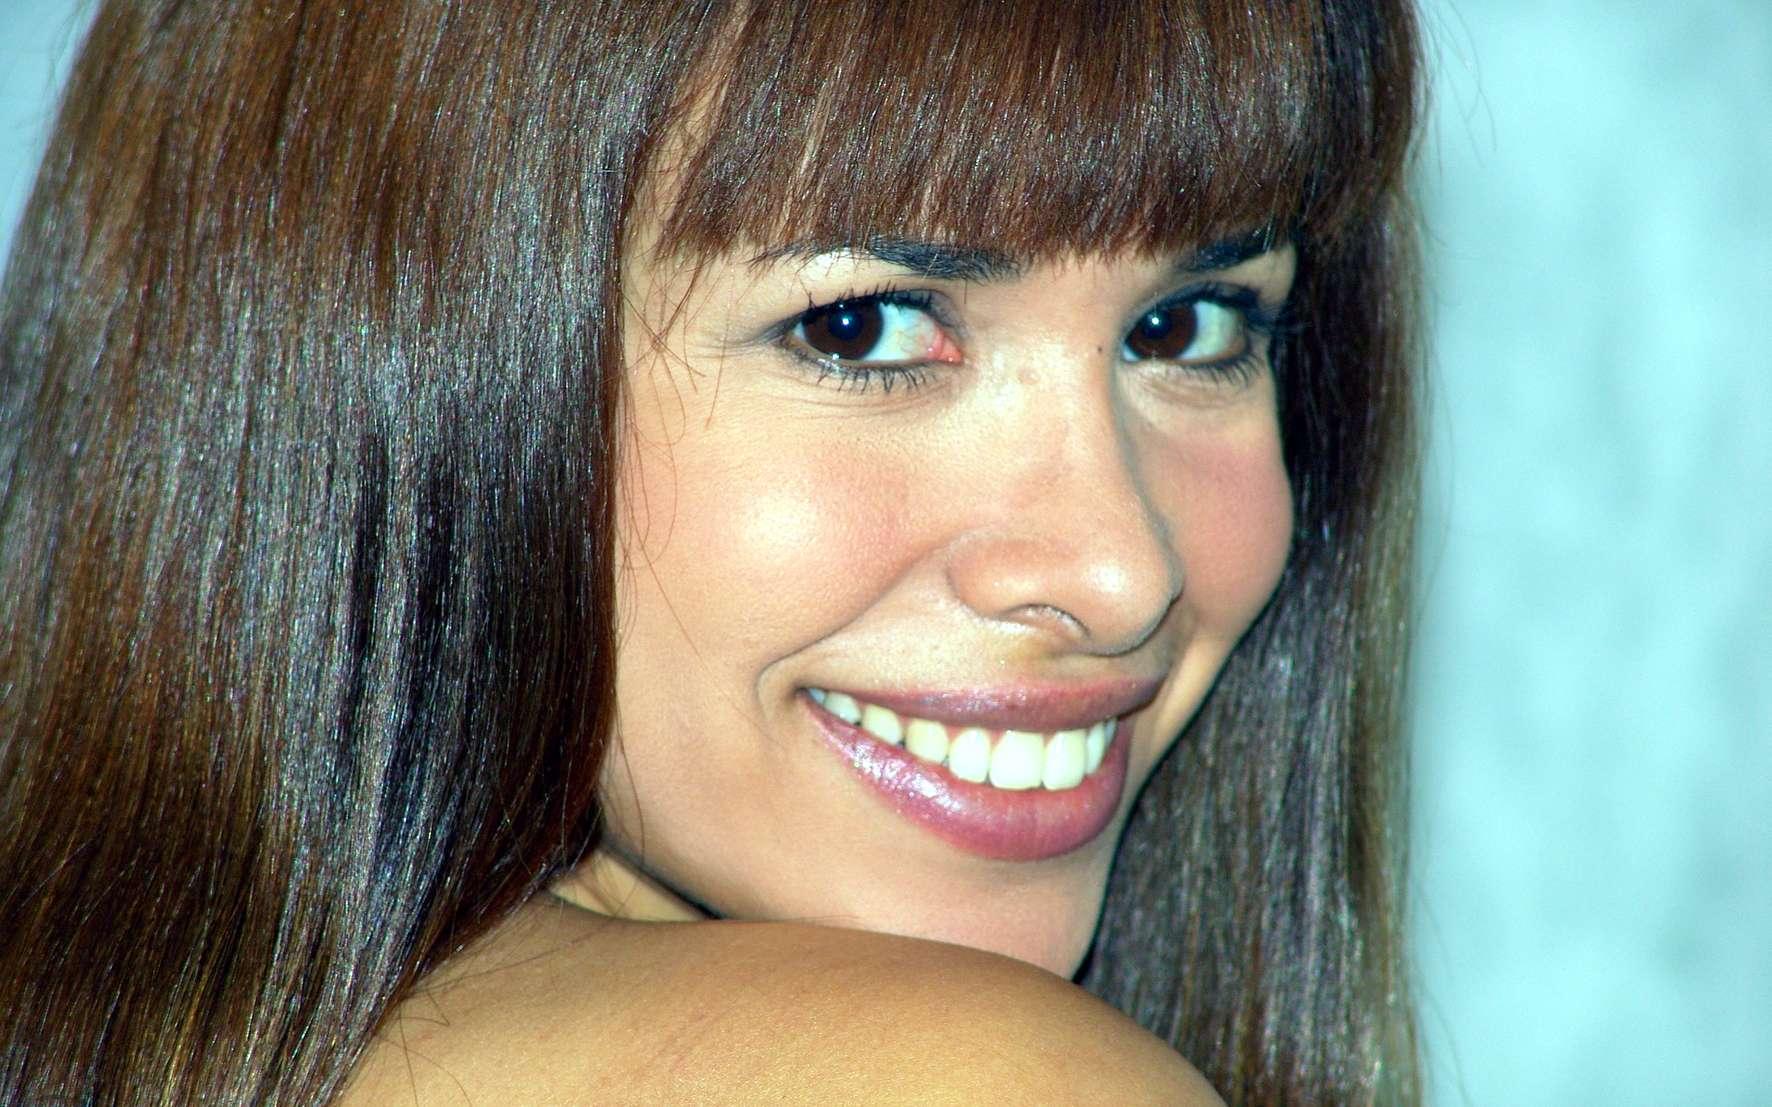 Le peroxyde d'hydrogène, ou eau oxygénée, est utilisé pour blanchir les dents et donner un sourire plus éclatant. Mais attention à sa santé buccodentaire ! © Sergio Savarese, Wikipédia, cc by sa 2.0